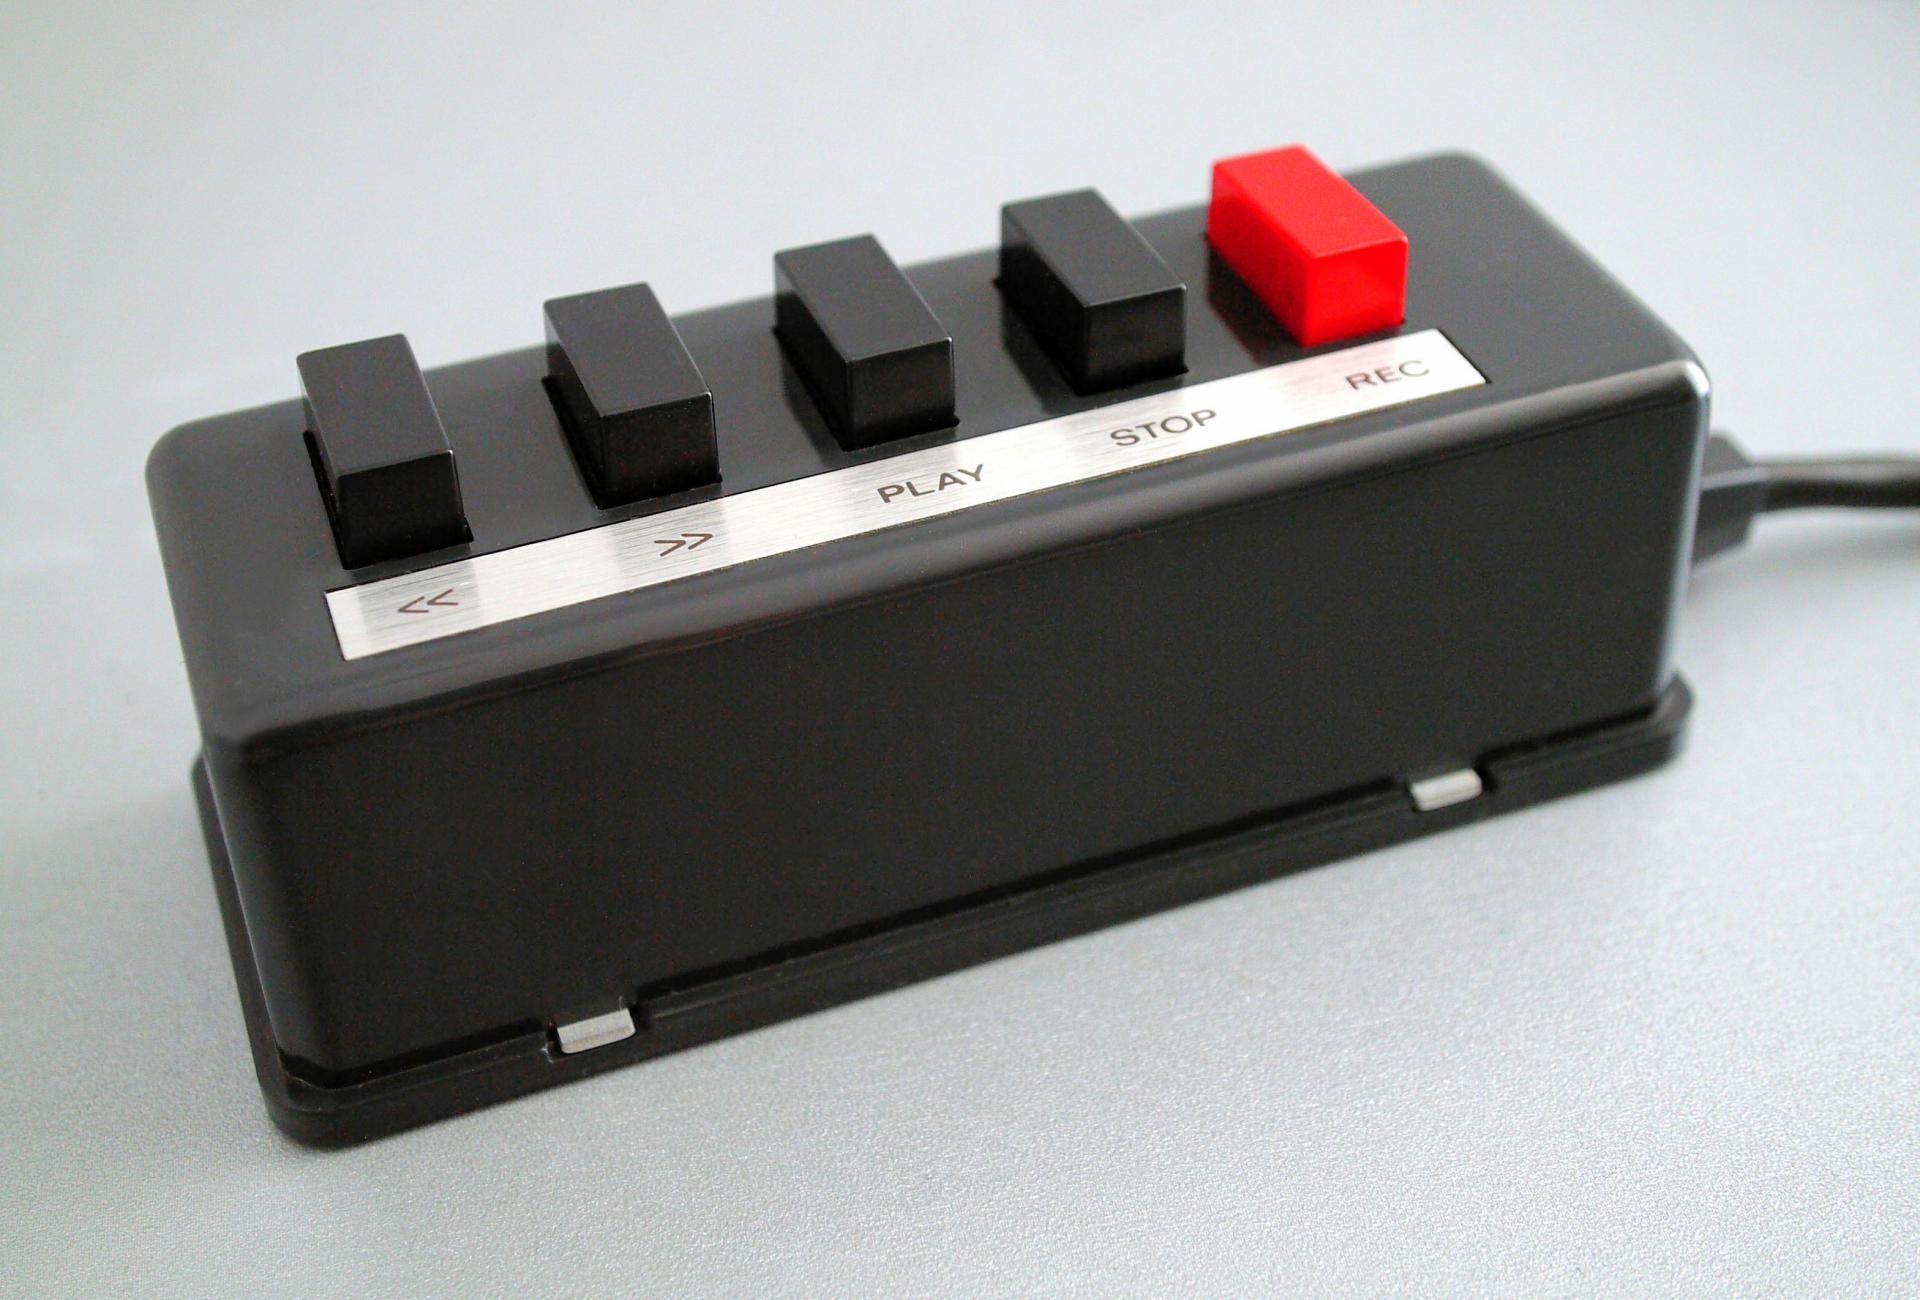 Revox a77 remote